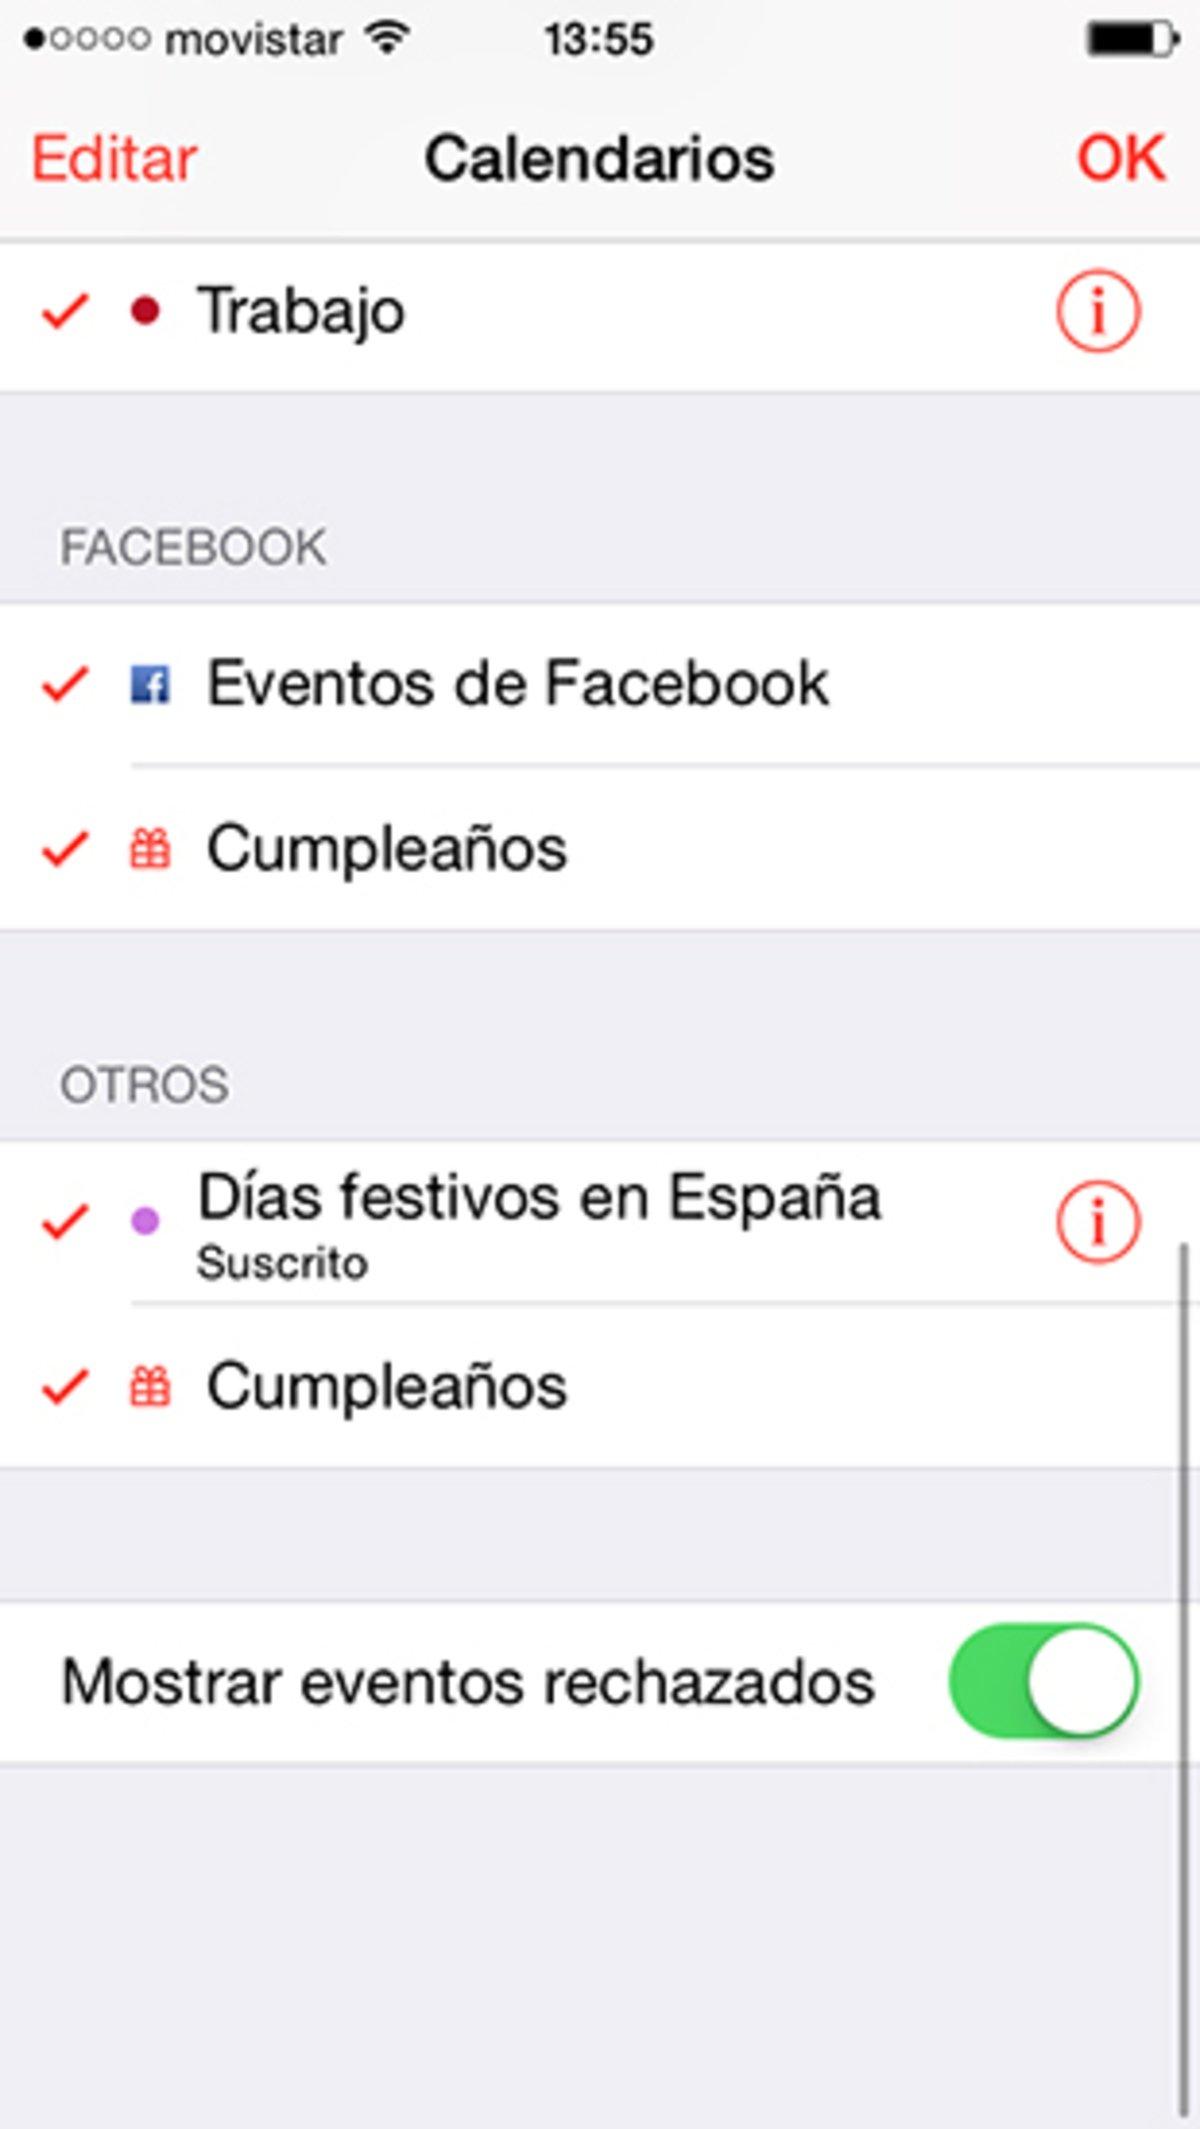 como_utilizar_correctamente_app_calendario_5